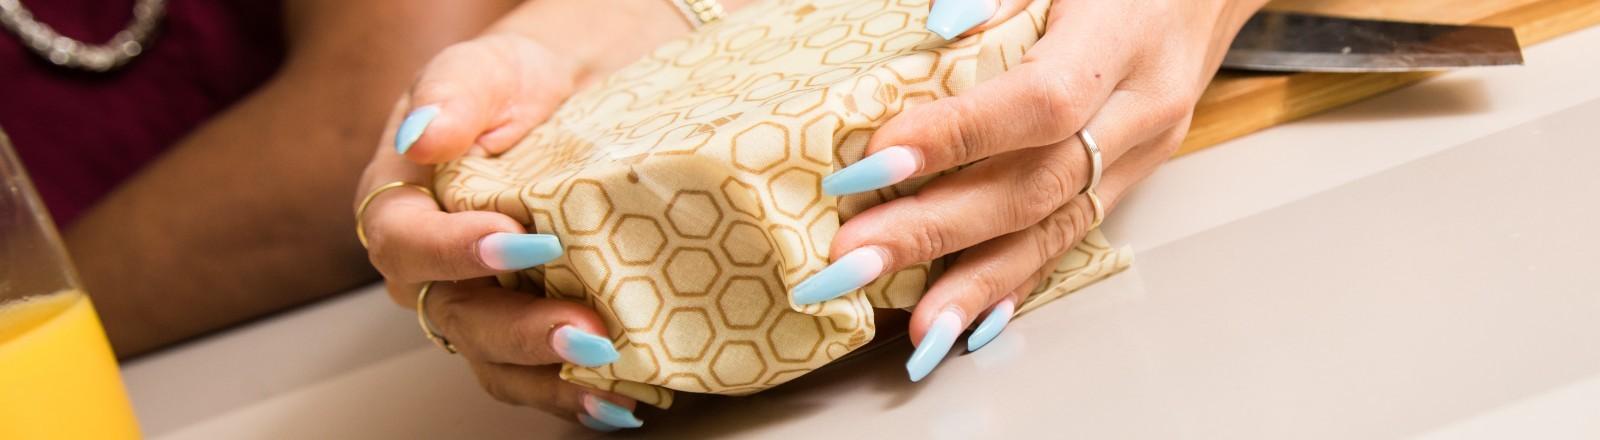 Eine Frau schließt eine Schüssel mit Bienenwachstuch